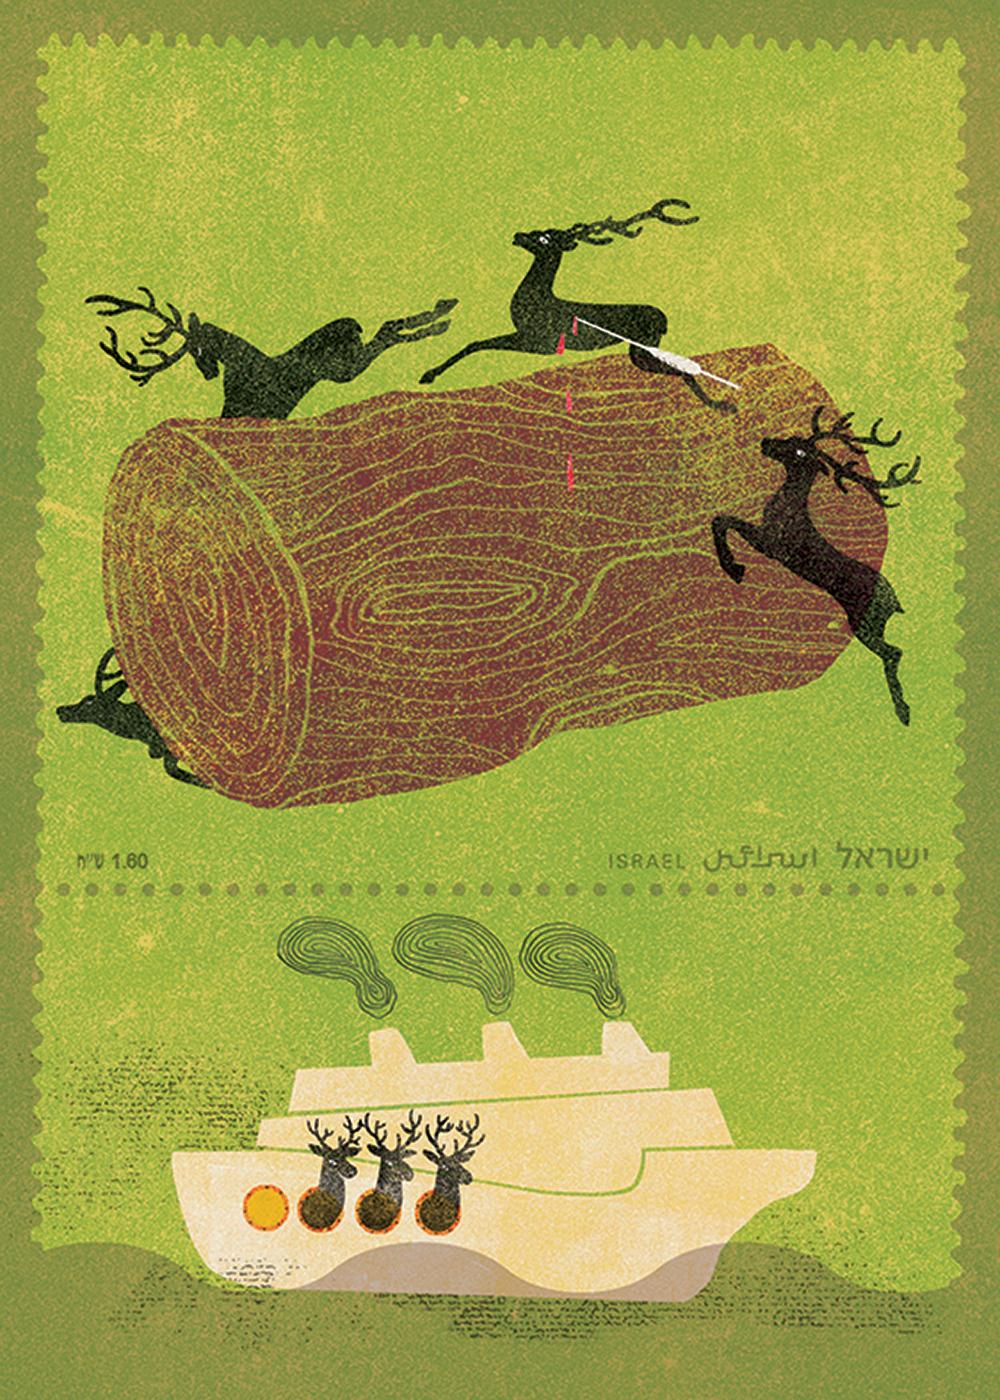 הצבי ישראל - איור של דורון זוהרי-שמש